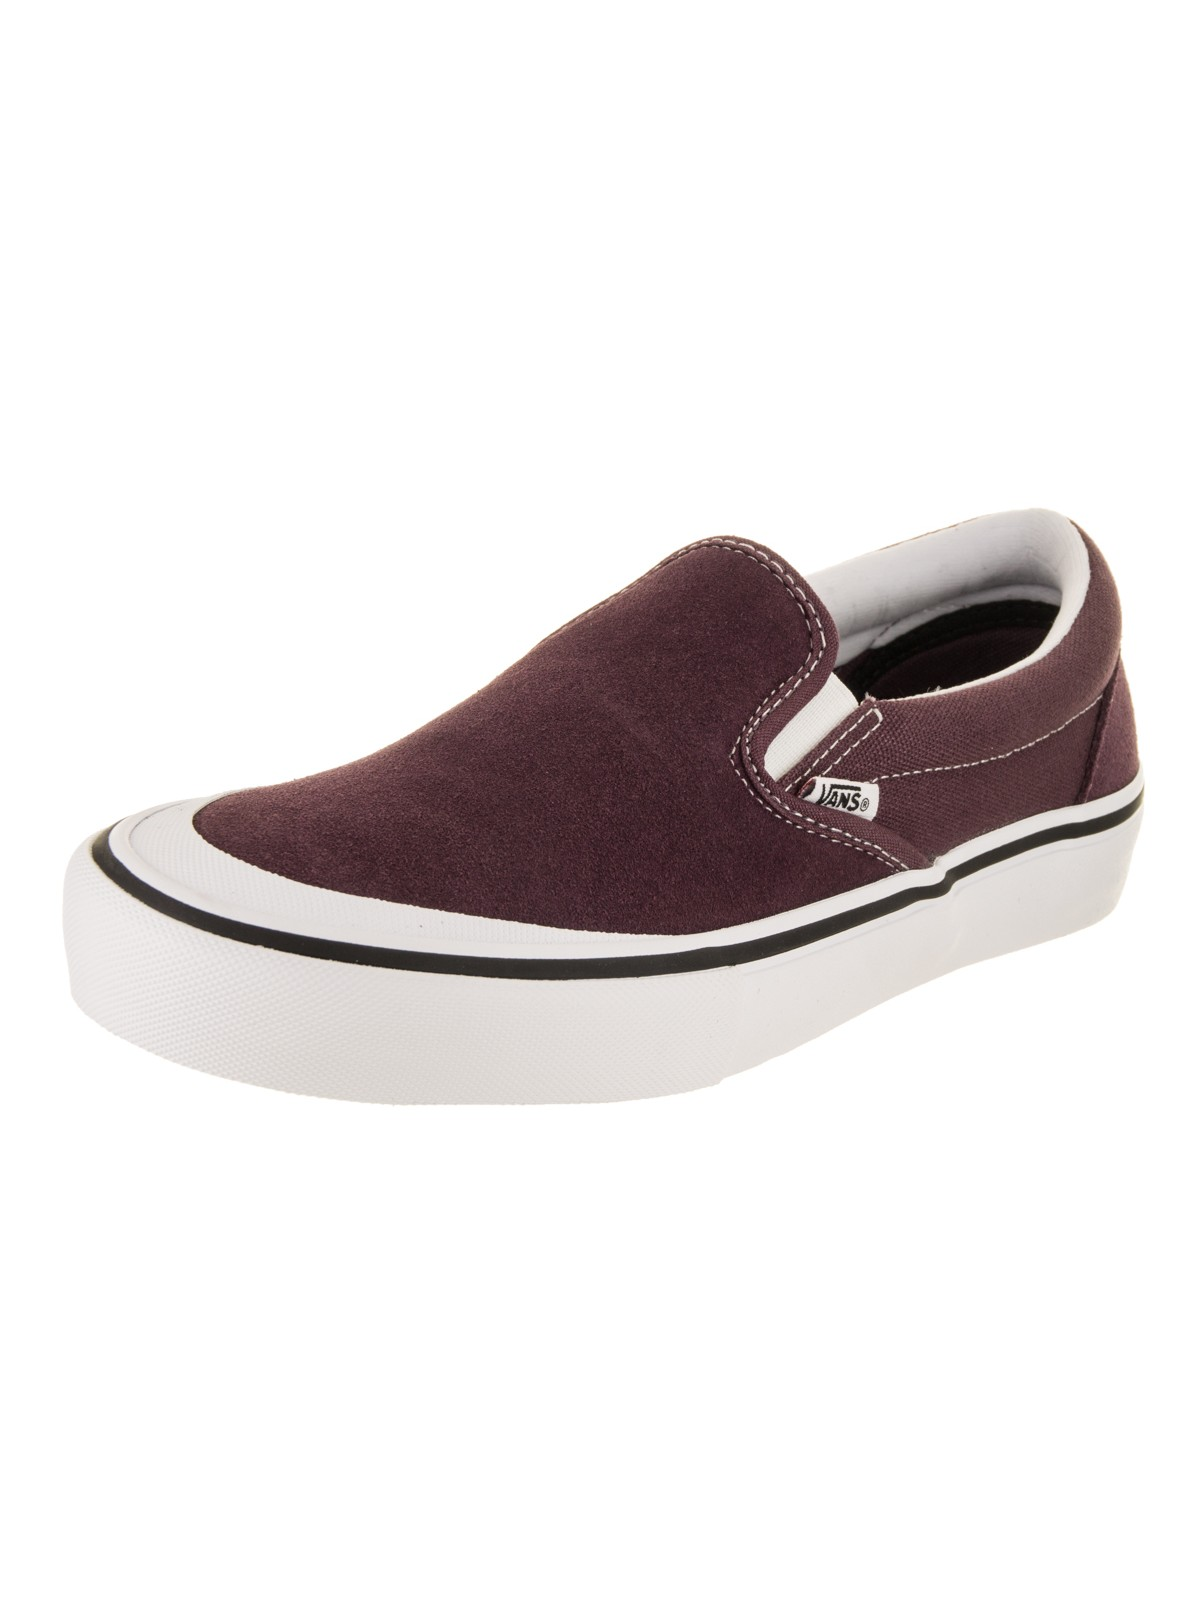 Vans Men's Slip-On Pro Skate Shoe